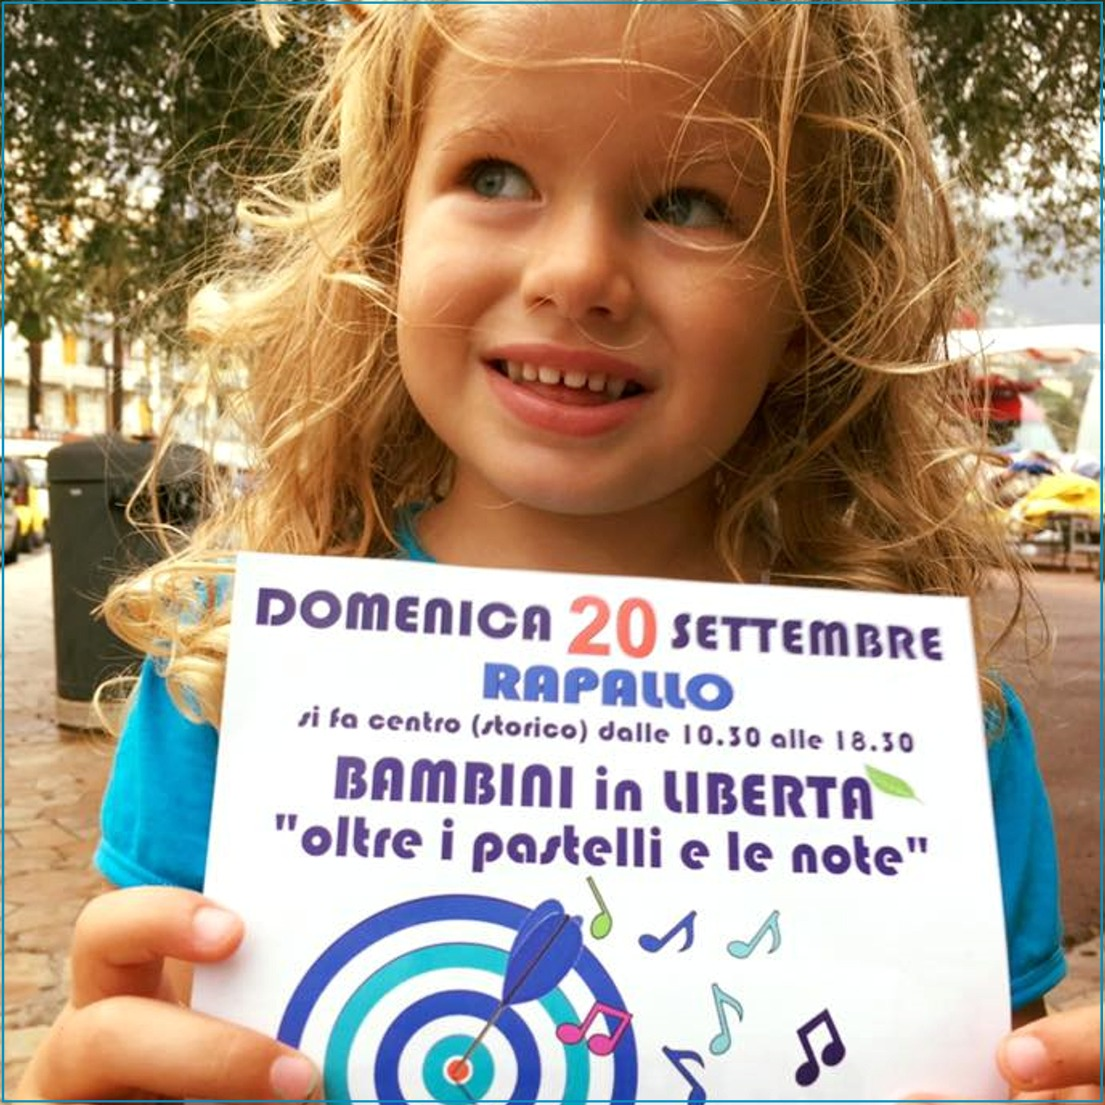 Rapallo_bambini_in_libertà